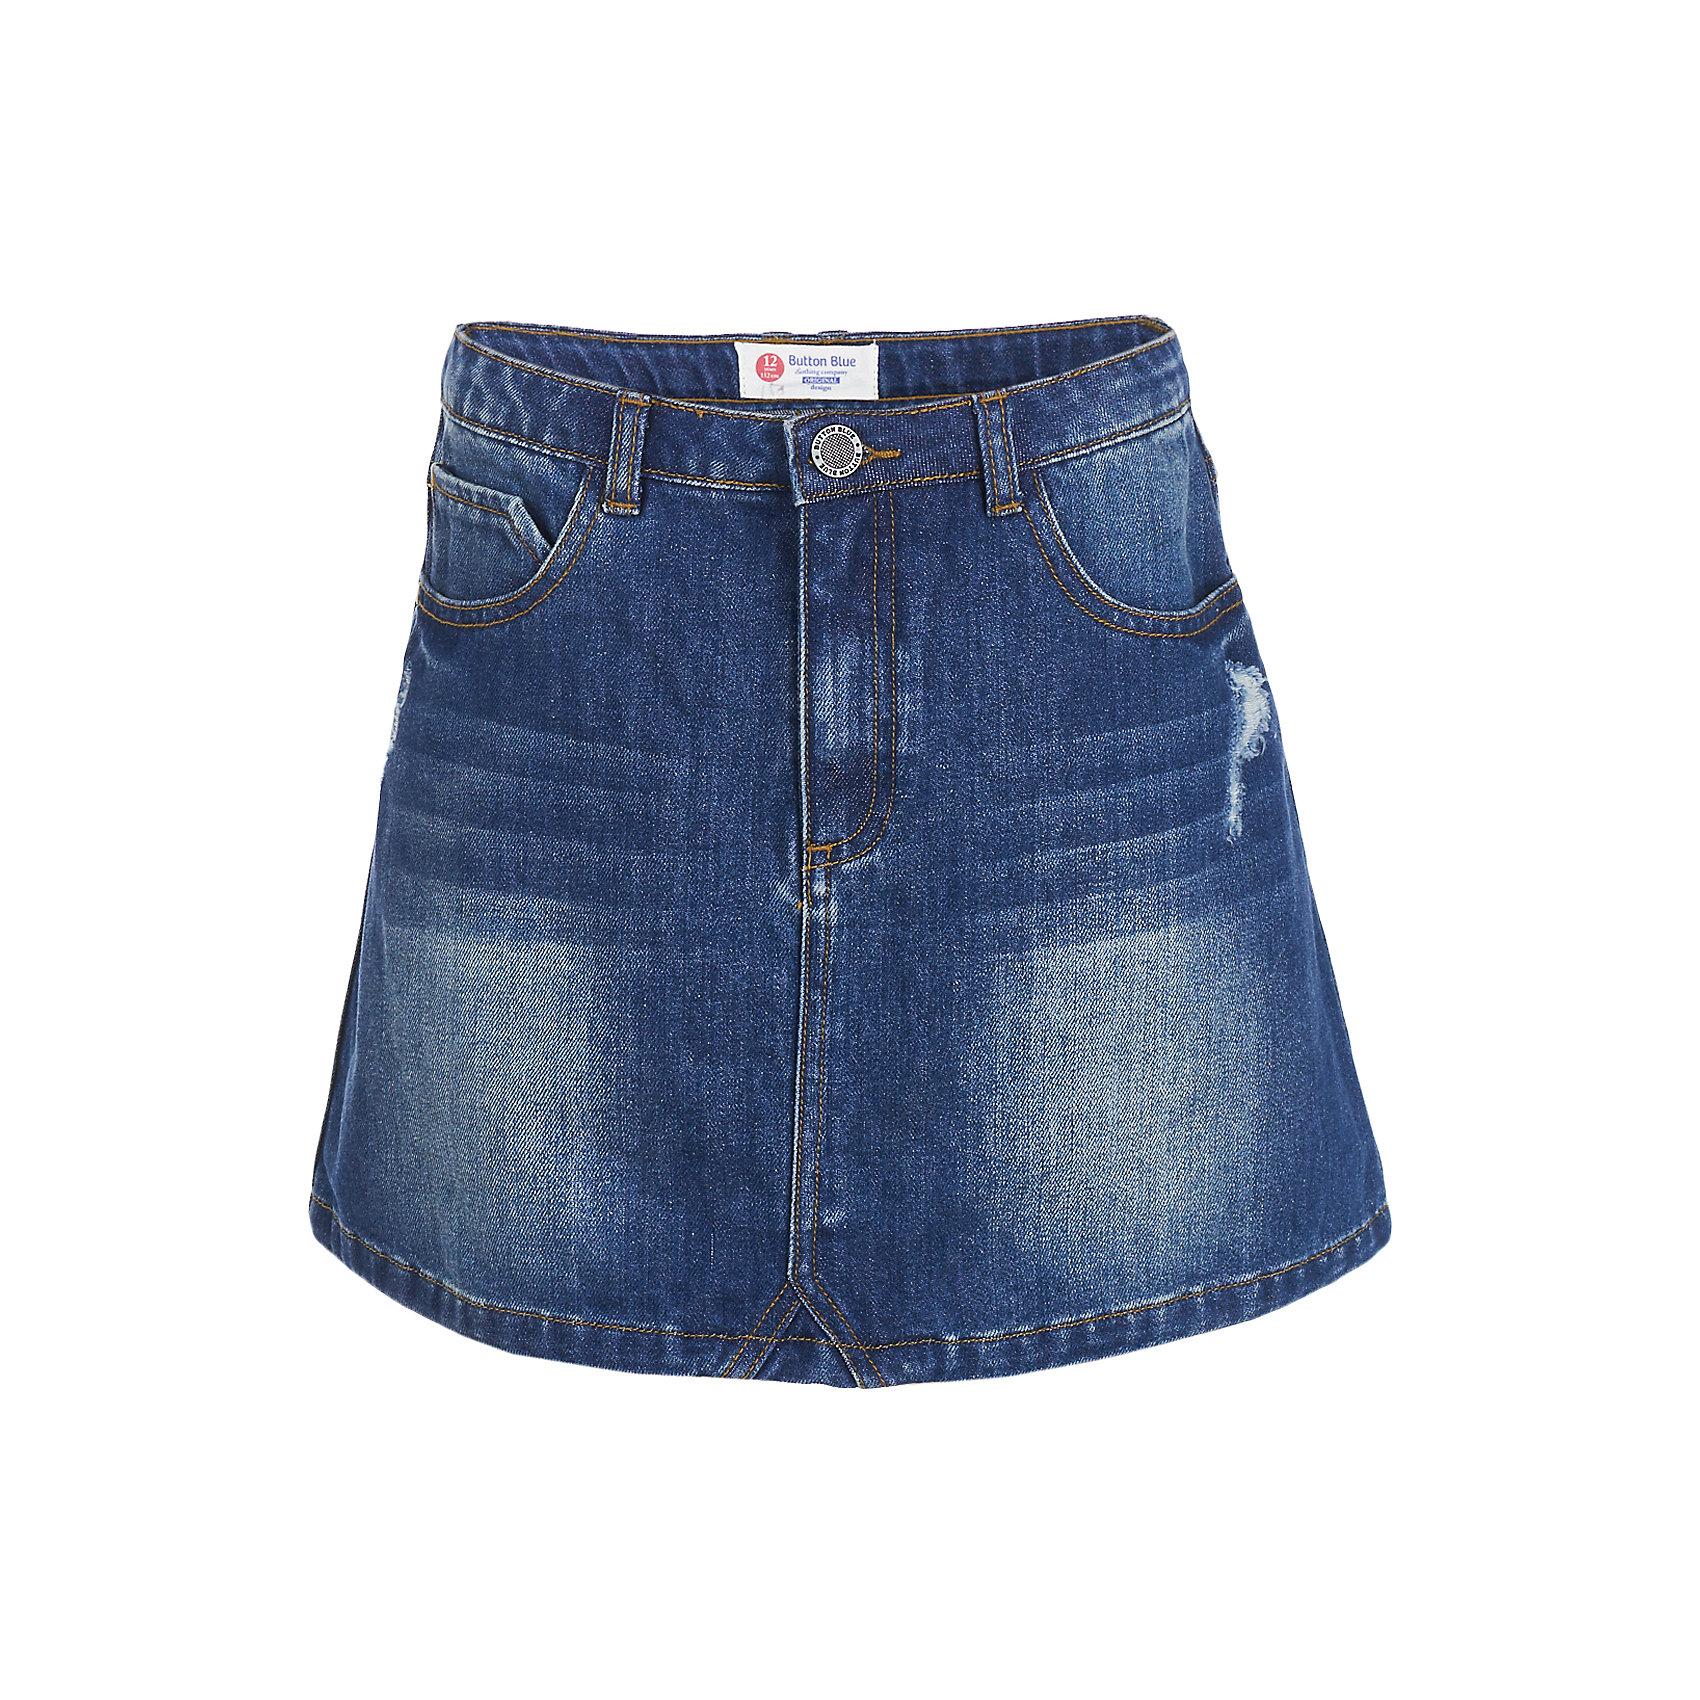 Юбка BUTTON BLUE для девочкиЮбки<br>Юбка BUTTON BLUE для девочки<br>Синяя джинсовая юбка - вещь вне моды и вне конкуренции! В комплекте с любой блузкой, водолазкой, джемпером, синяя джинсовая юбка позволит чувствовать себя уверенно и легко. Если вы хотите купить модную детскую юбку недорого, джинсовая юбка - оптимальный вариант для красивого, практичного и комфортного решения повседневного детского гардероба.<br>Состав:<br>100% хлопок<br><br>Ширина мм: 207<br>Глубина мм: 10<br>Высота мм: 189<br>Вес г: 183<br>Цвет: темно-синий<br>Возраст от месяцев: 144<br>Возраст до месяцев: 156<br>Пол: Женский<br>Возраст: Детский<br>Размер: 158,122,98,104,110,116,128,134,140,146,152<br>SKU: 7037745